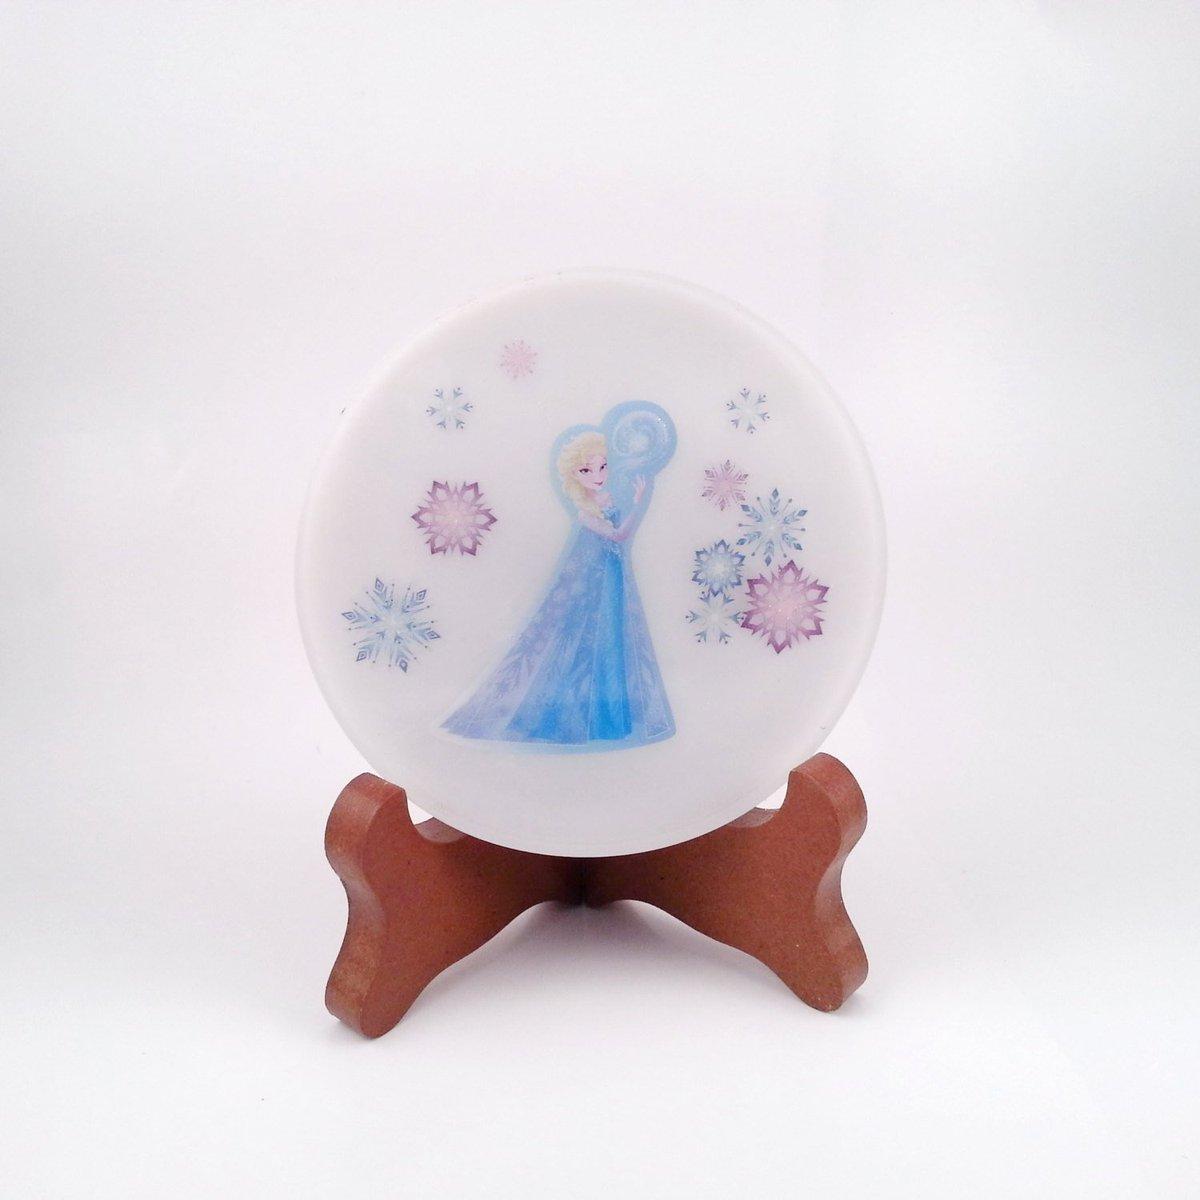 Frozen&#39;s Elsa Handmade Round Resin Coaster FI0235  http:// etsy.me/2rWA38g  &nbsp;   #Etsy #Disney<br>http://pic.twitter.com/Vt78xrbeWT